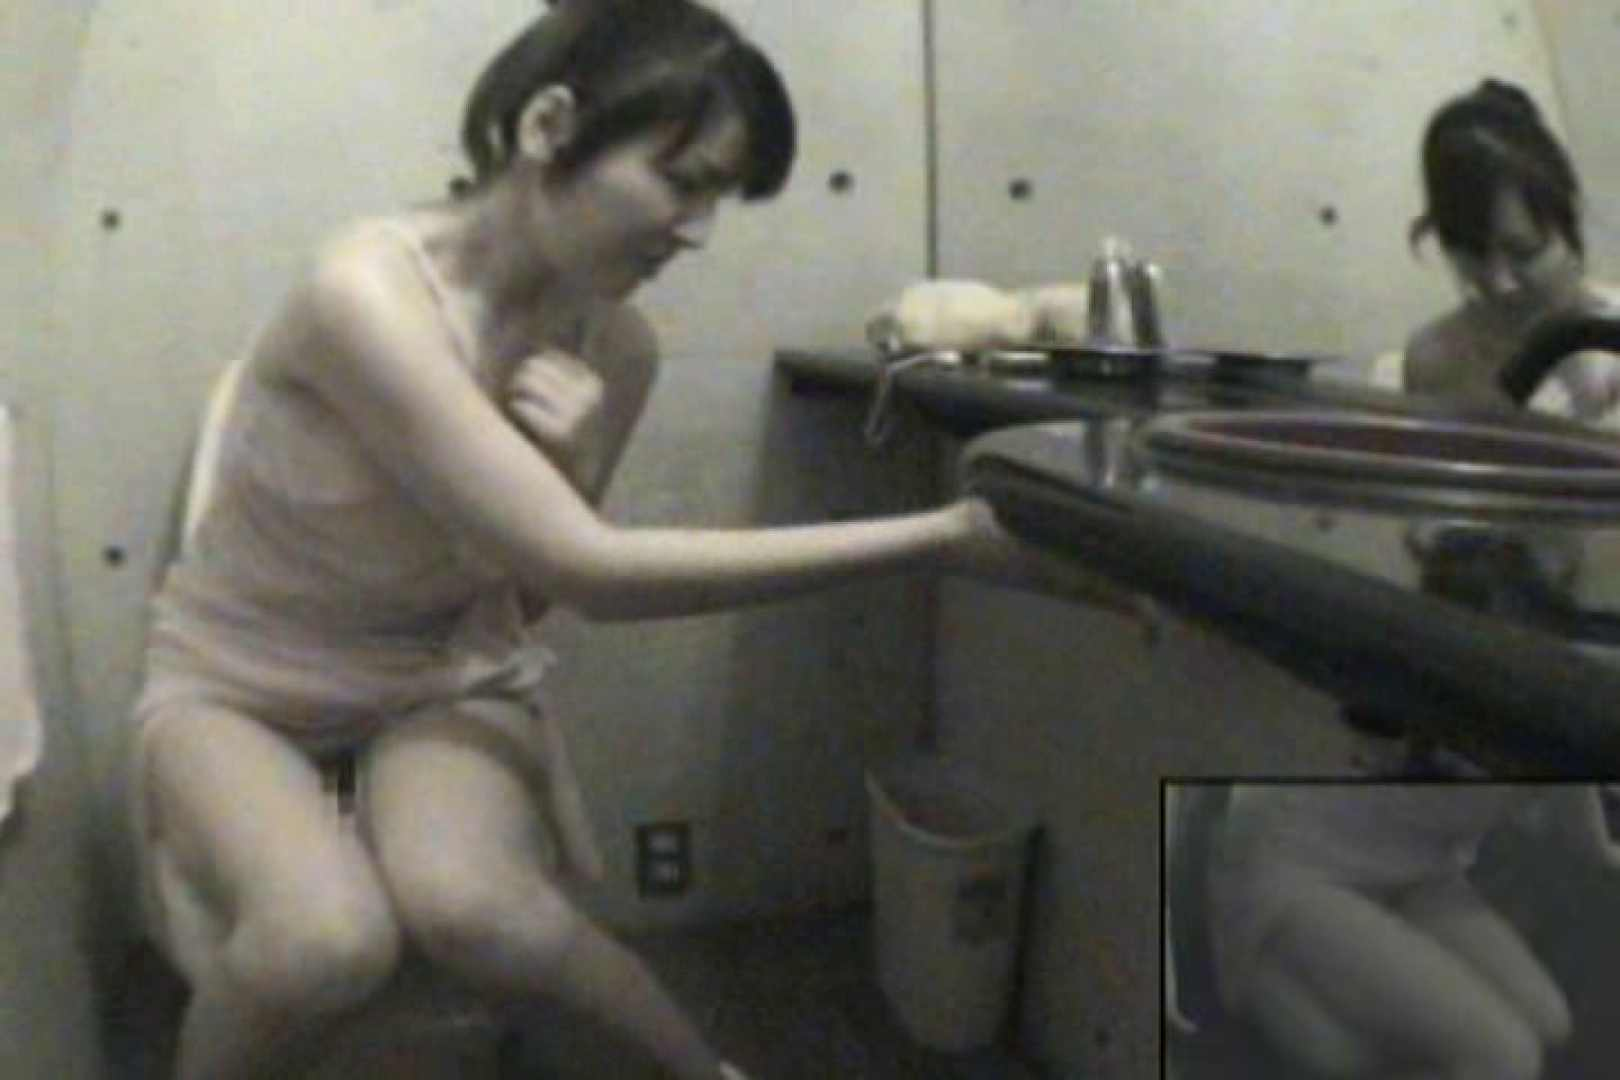 キャバ嬢は仕事の合間でもオナニーします!!Vol.10 エロティックなOL ヌード画像 72画像 42